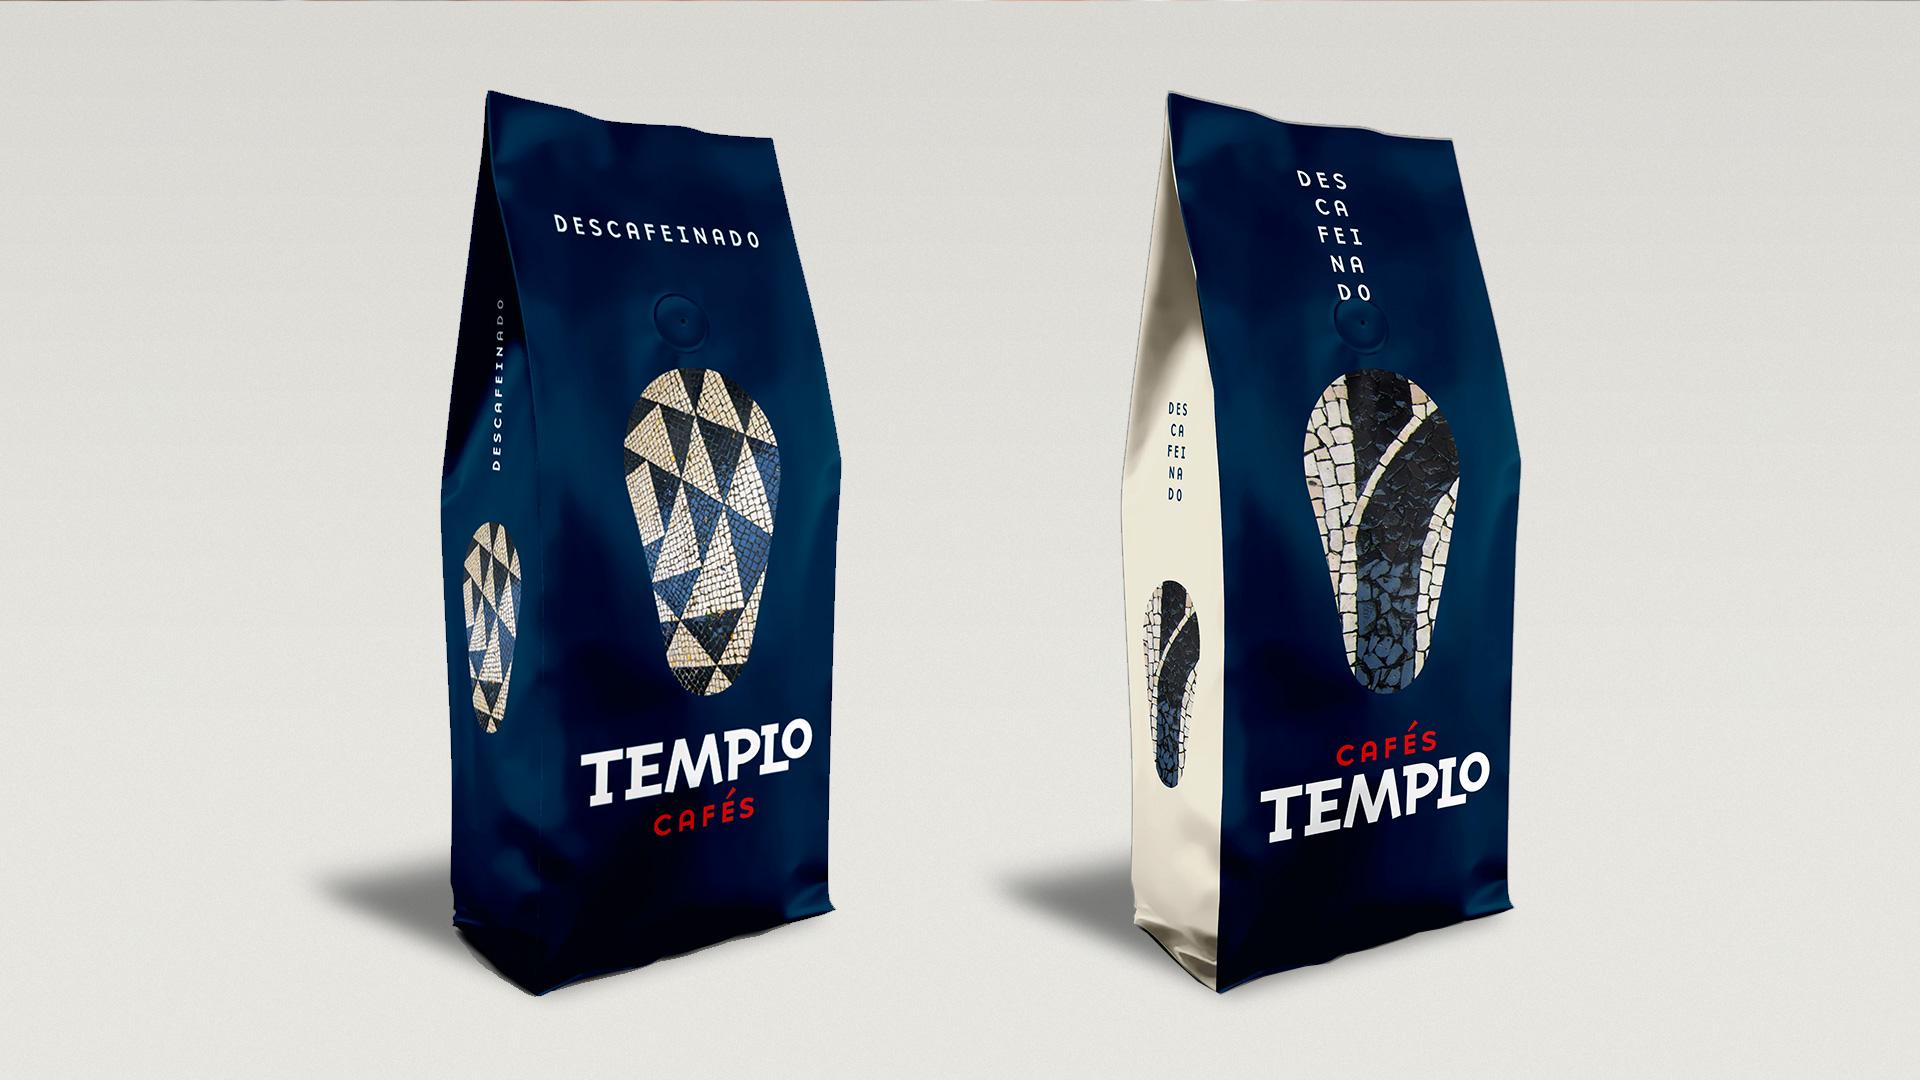 Diseño de producto, packaging y concepto creativo para Cafés Templo Portugal, 2020